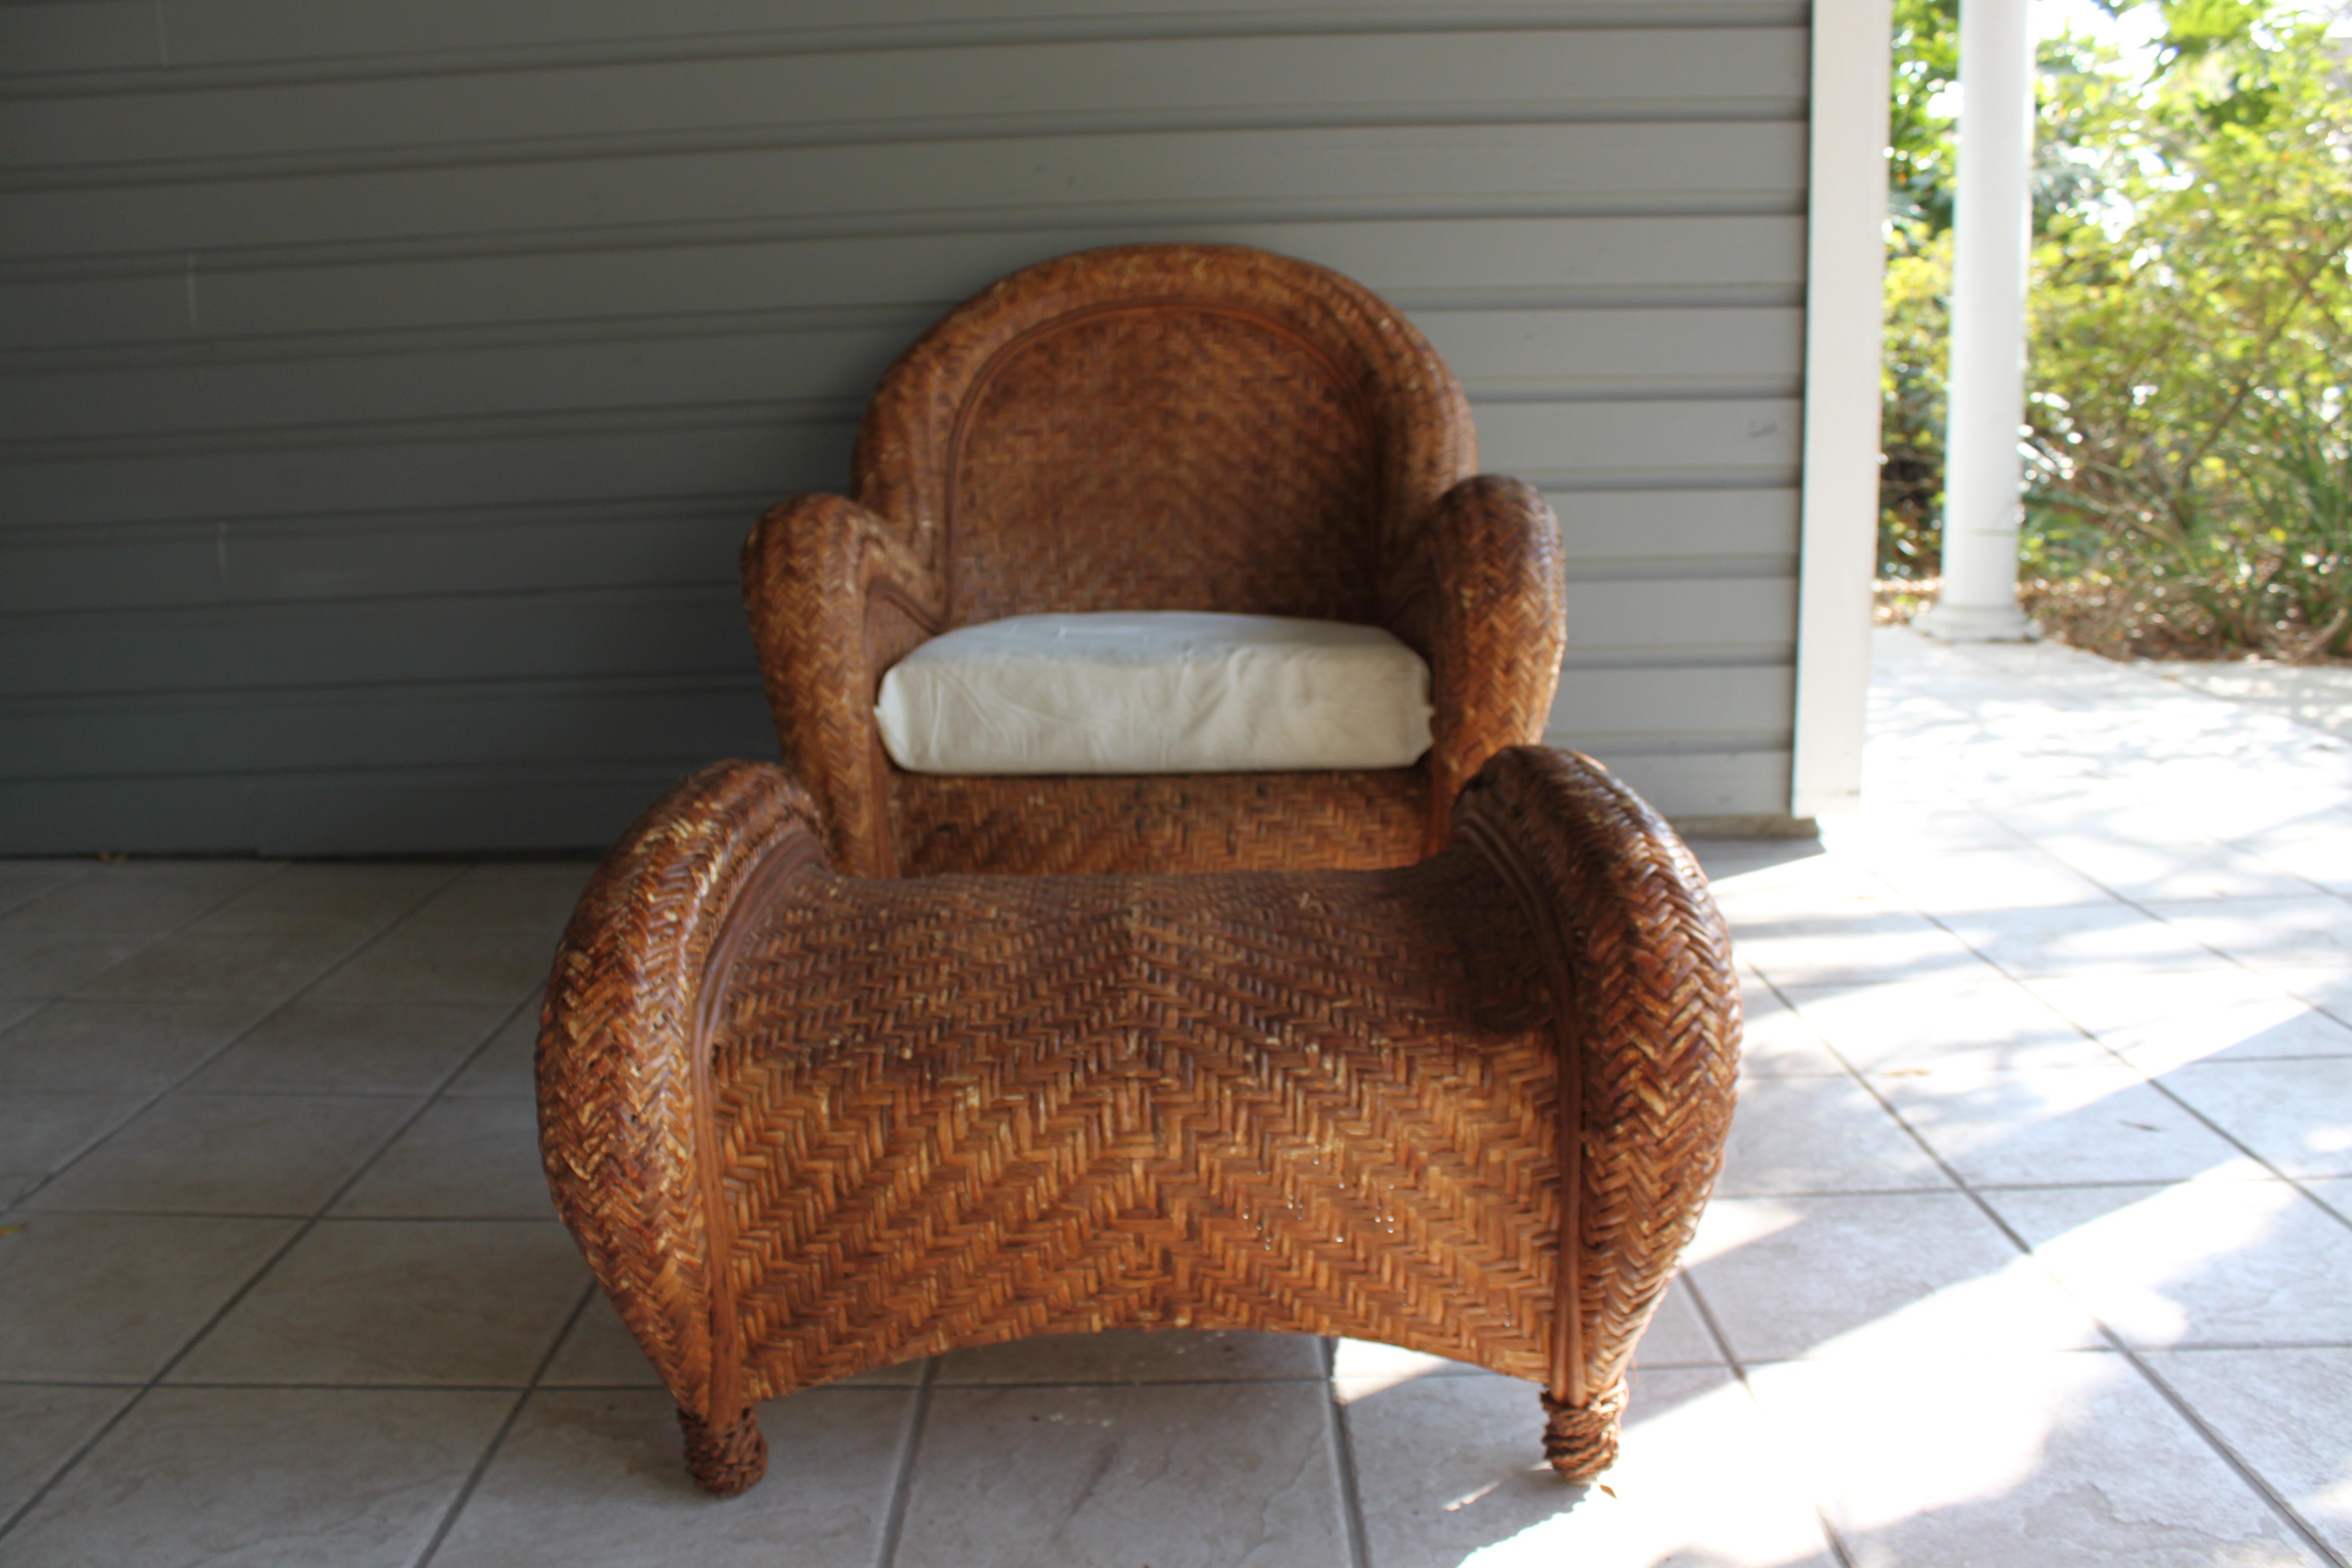 Pottery Barn Rattan Malabar Chair U0026 Ottoman   Image 2 ...